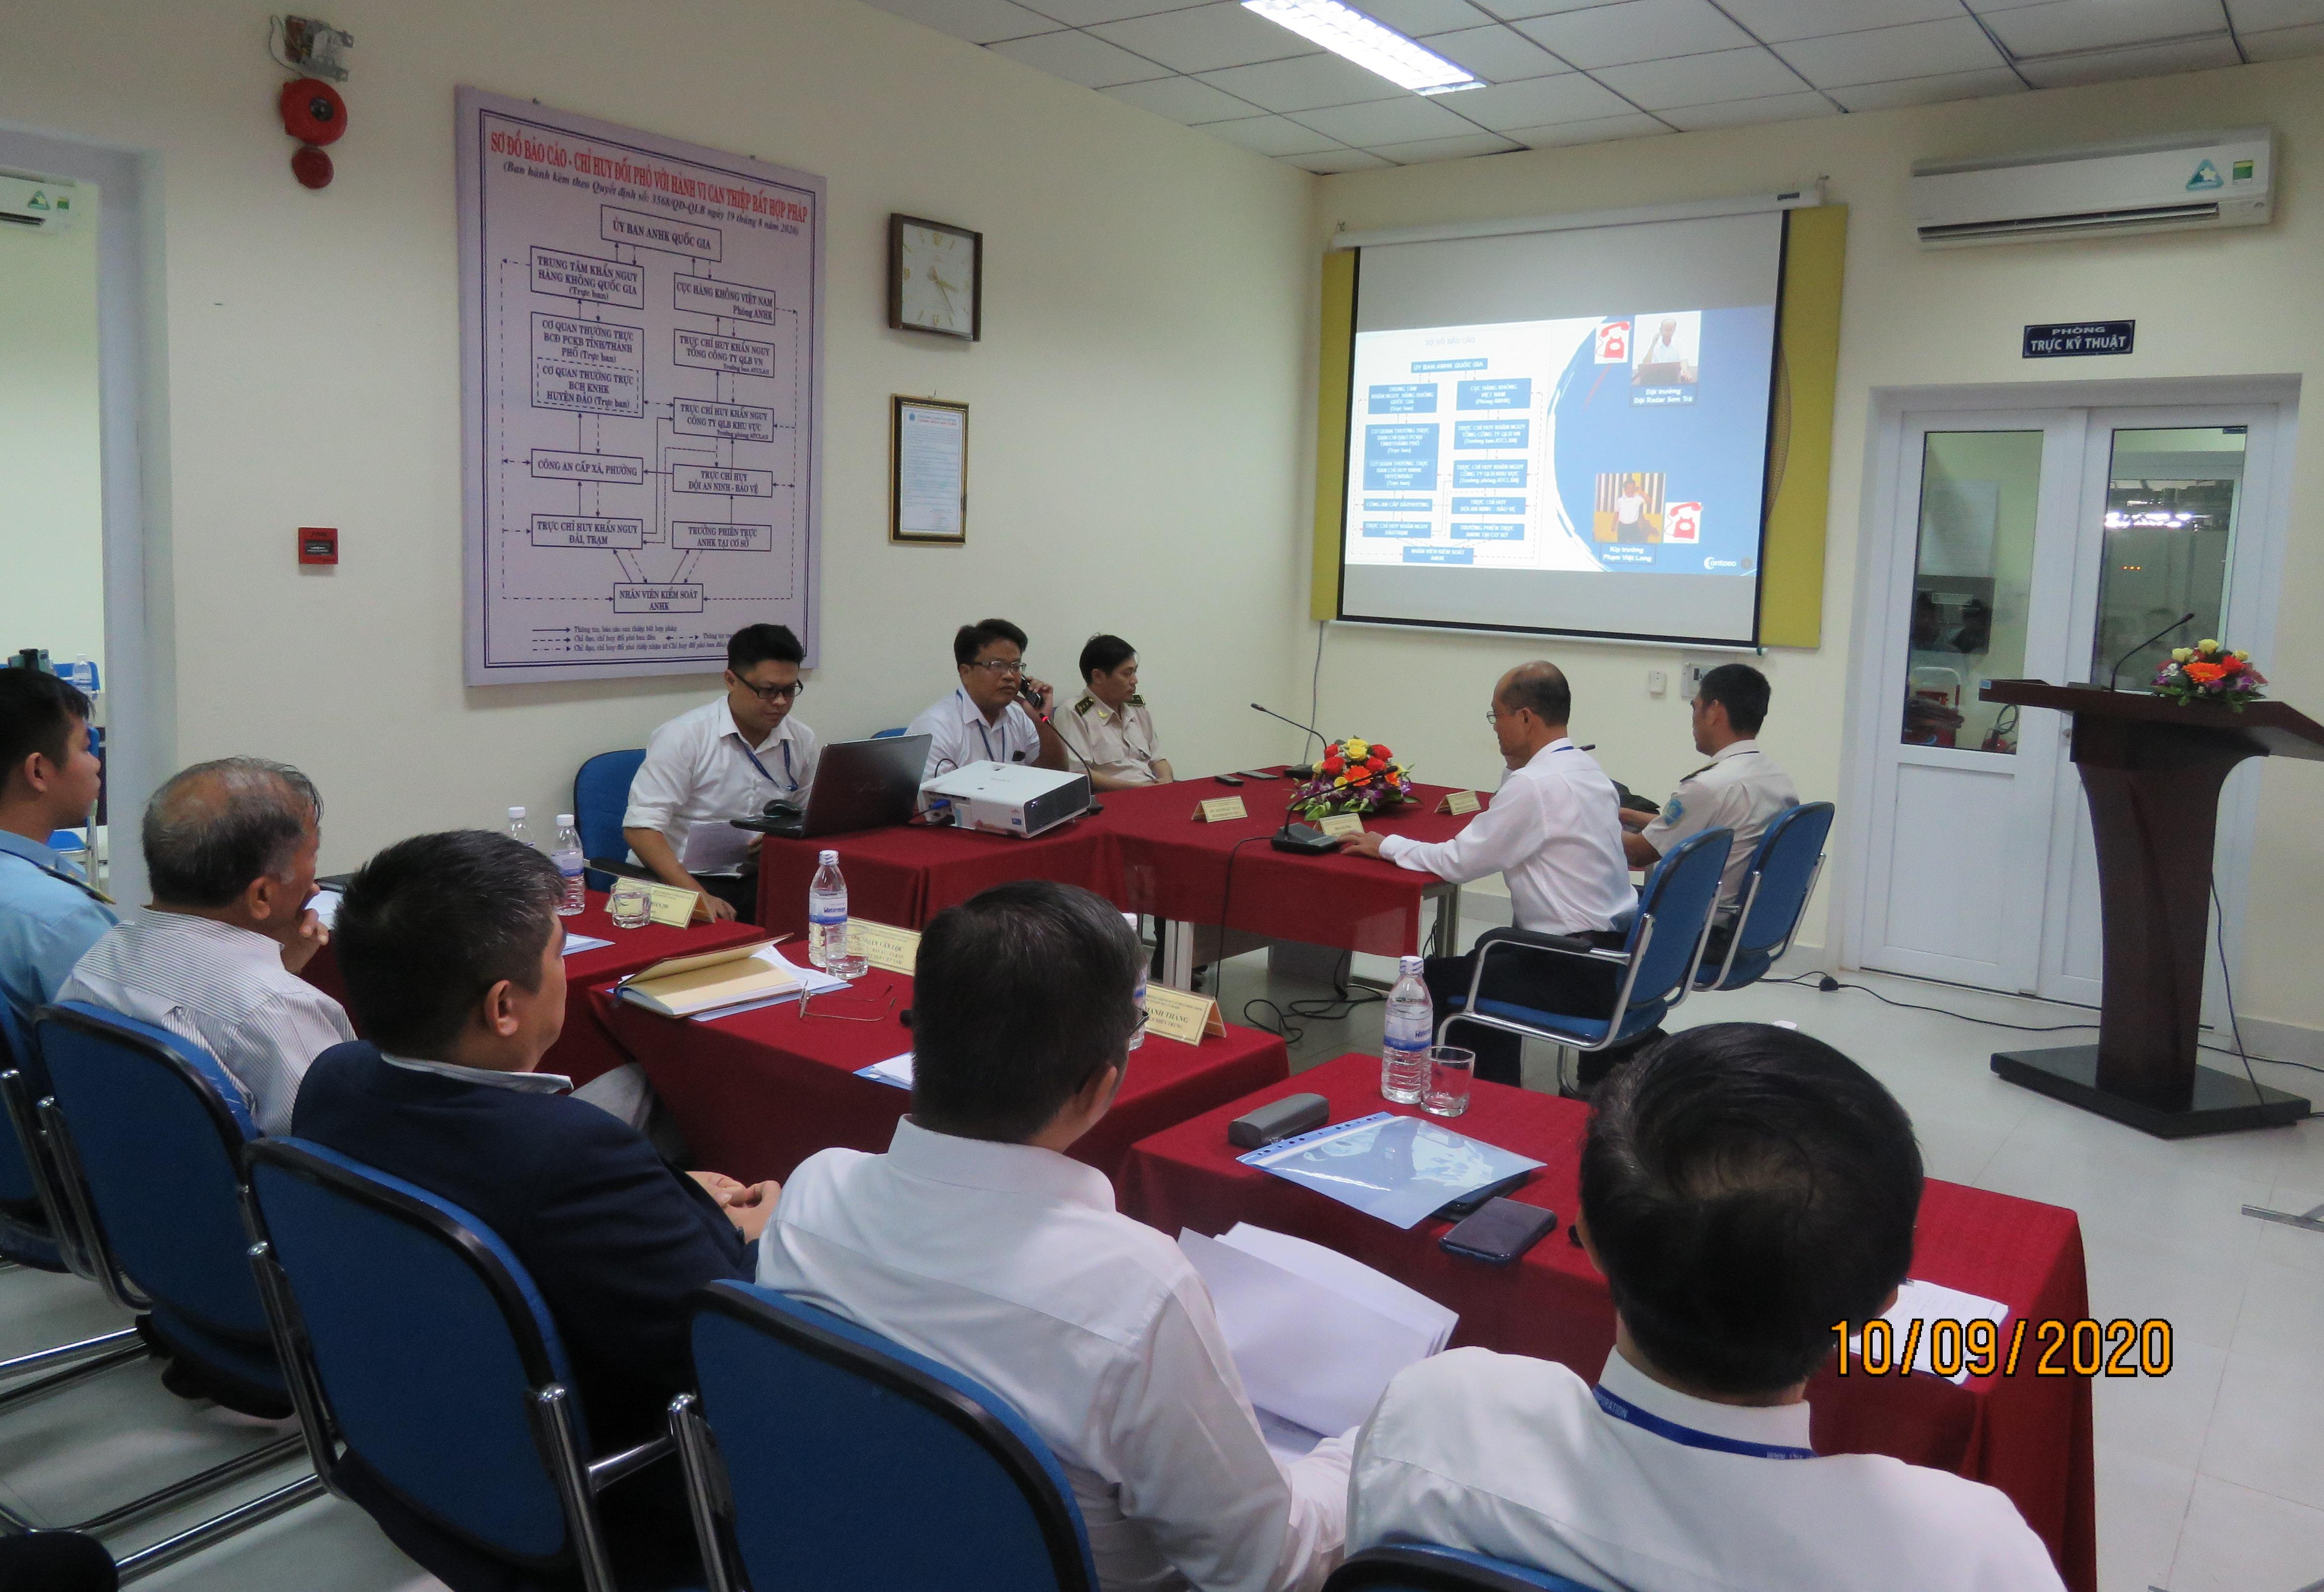 Đối phó với hành vi can thiệp bất hợp pháp vào hoạt động hàng không dân dụng tại Trạm radar Sơn Trà 2, thành phố Đà Nẵng